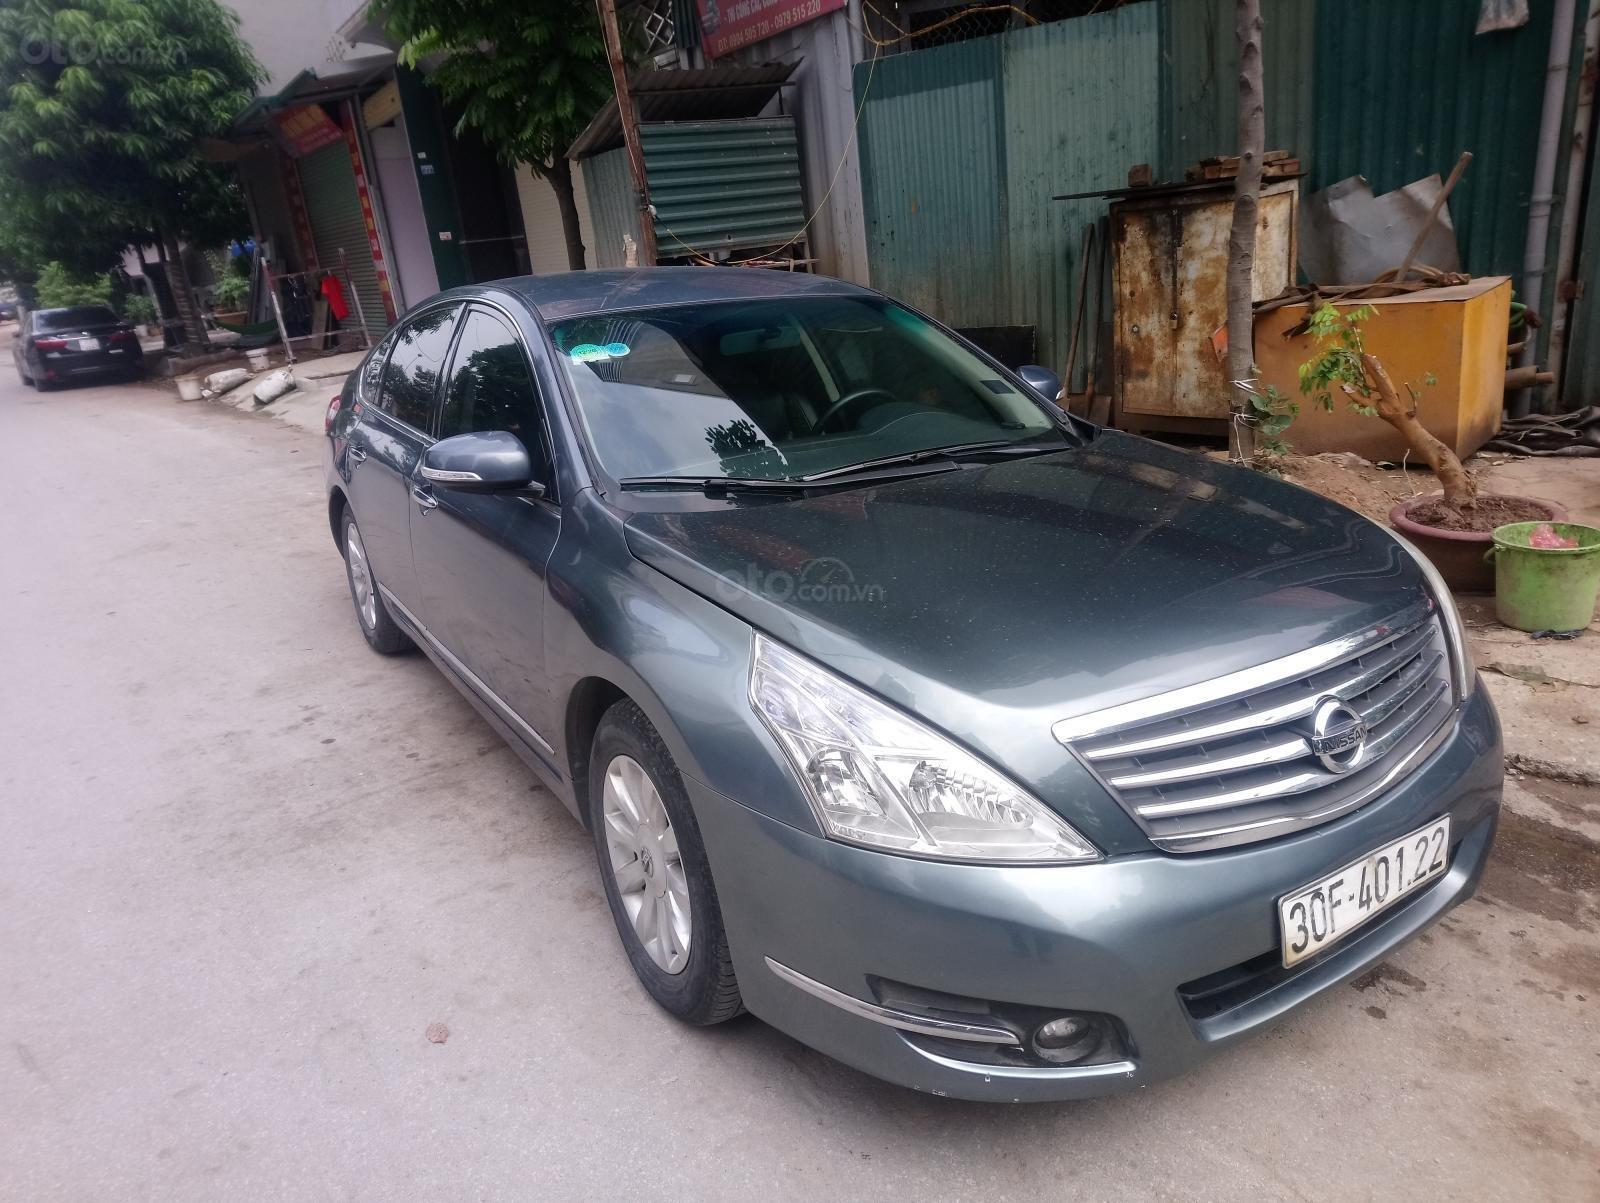 Chính chủ bán xe Nissan Teana 2.0 2010 giá cạnh tranh, xe rất mới (3)